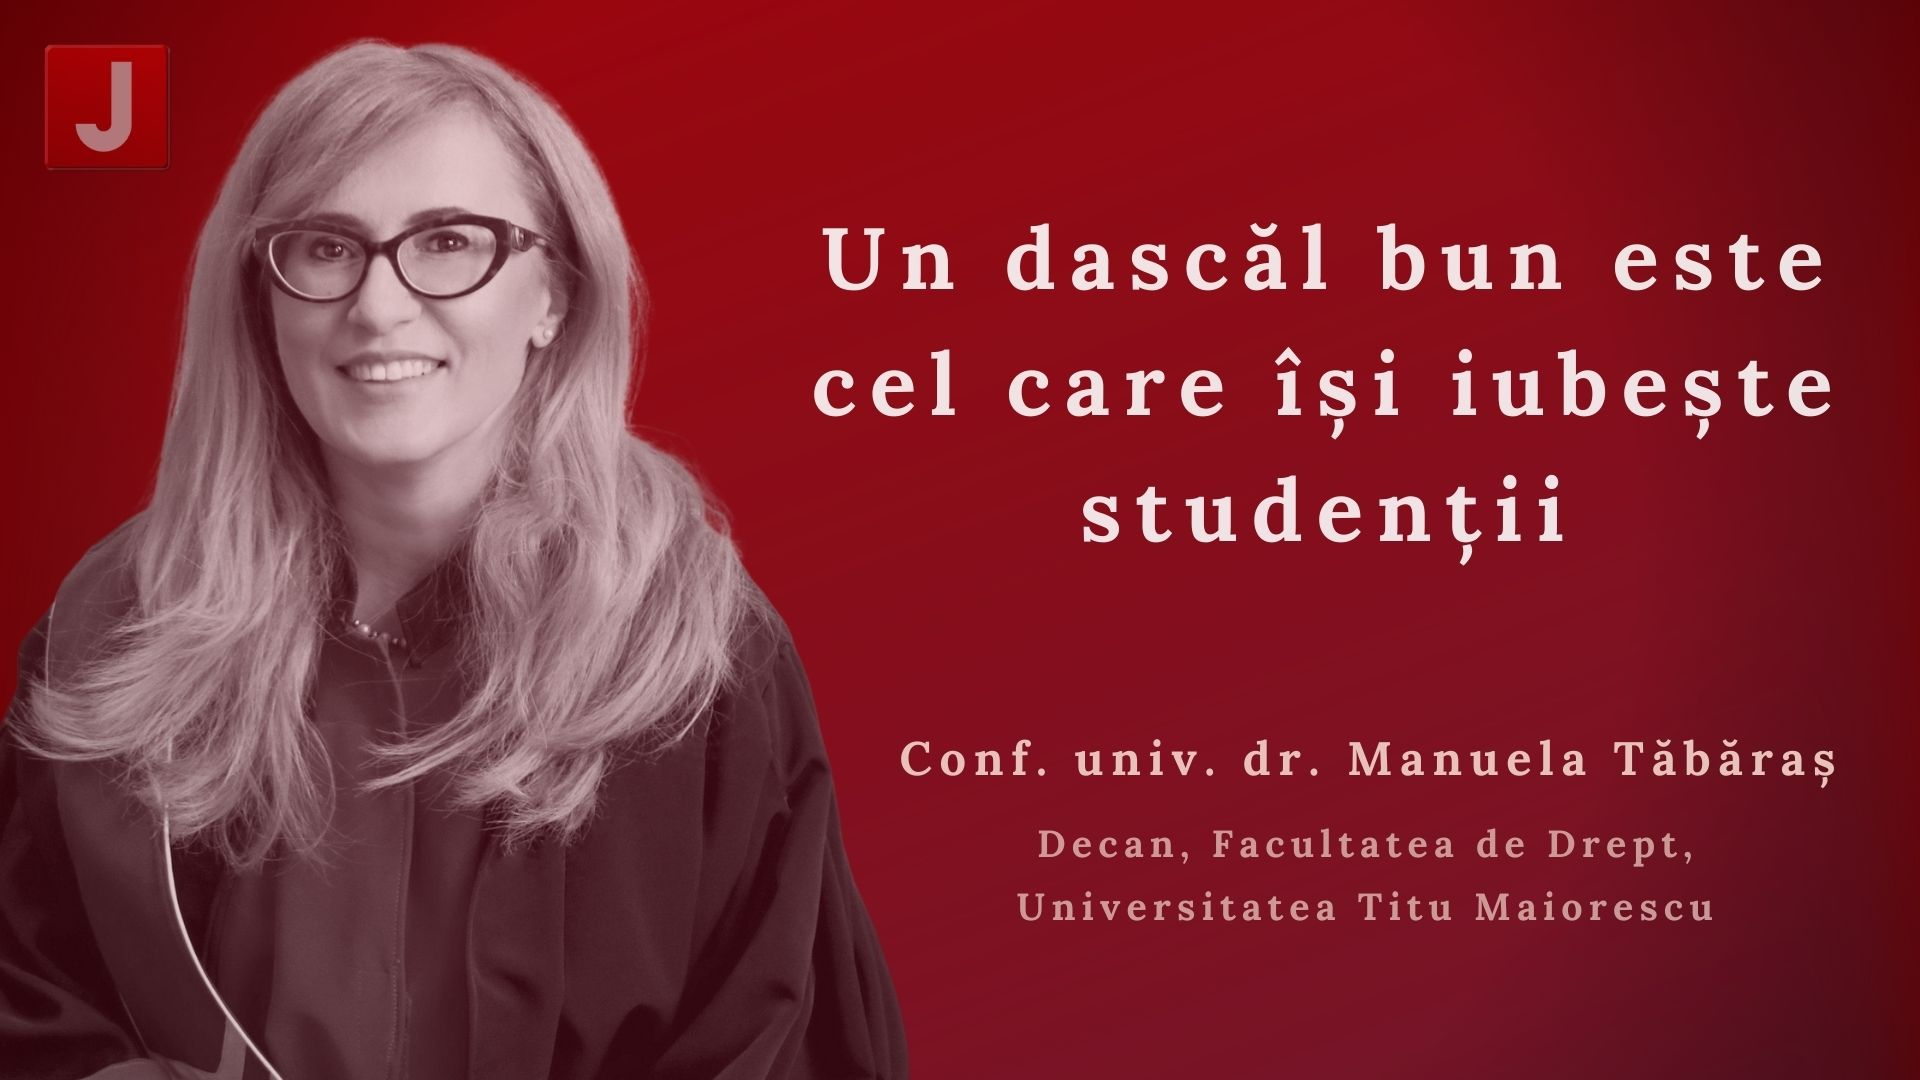 Manuela Tăbăraș: Un dascăl bun este cel care își iubește studenții